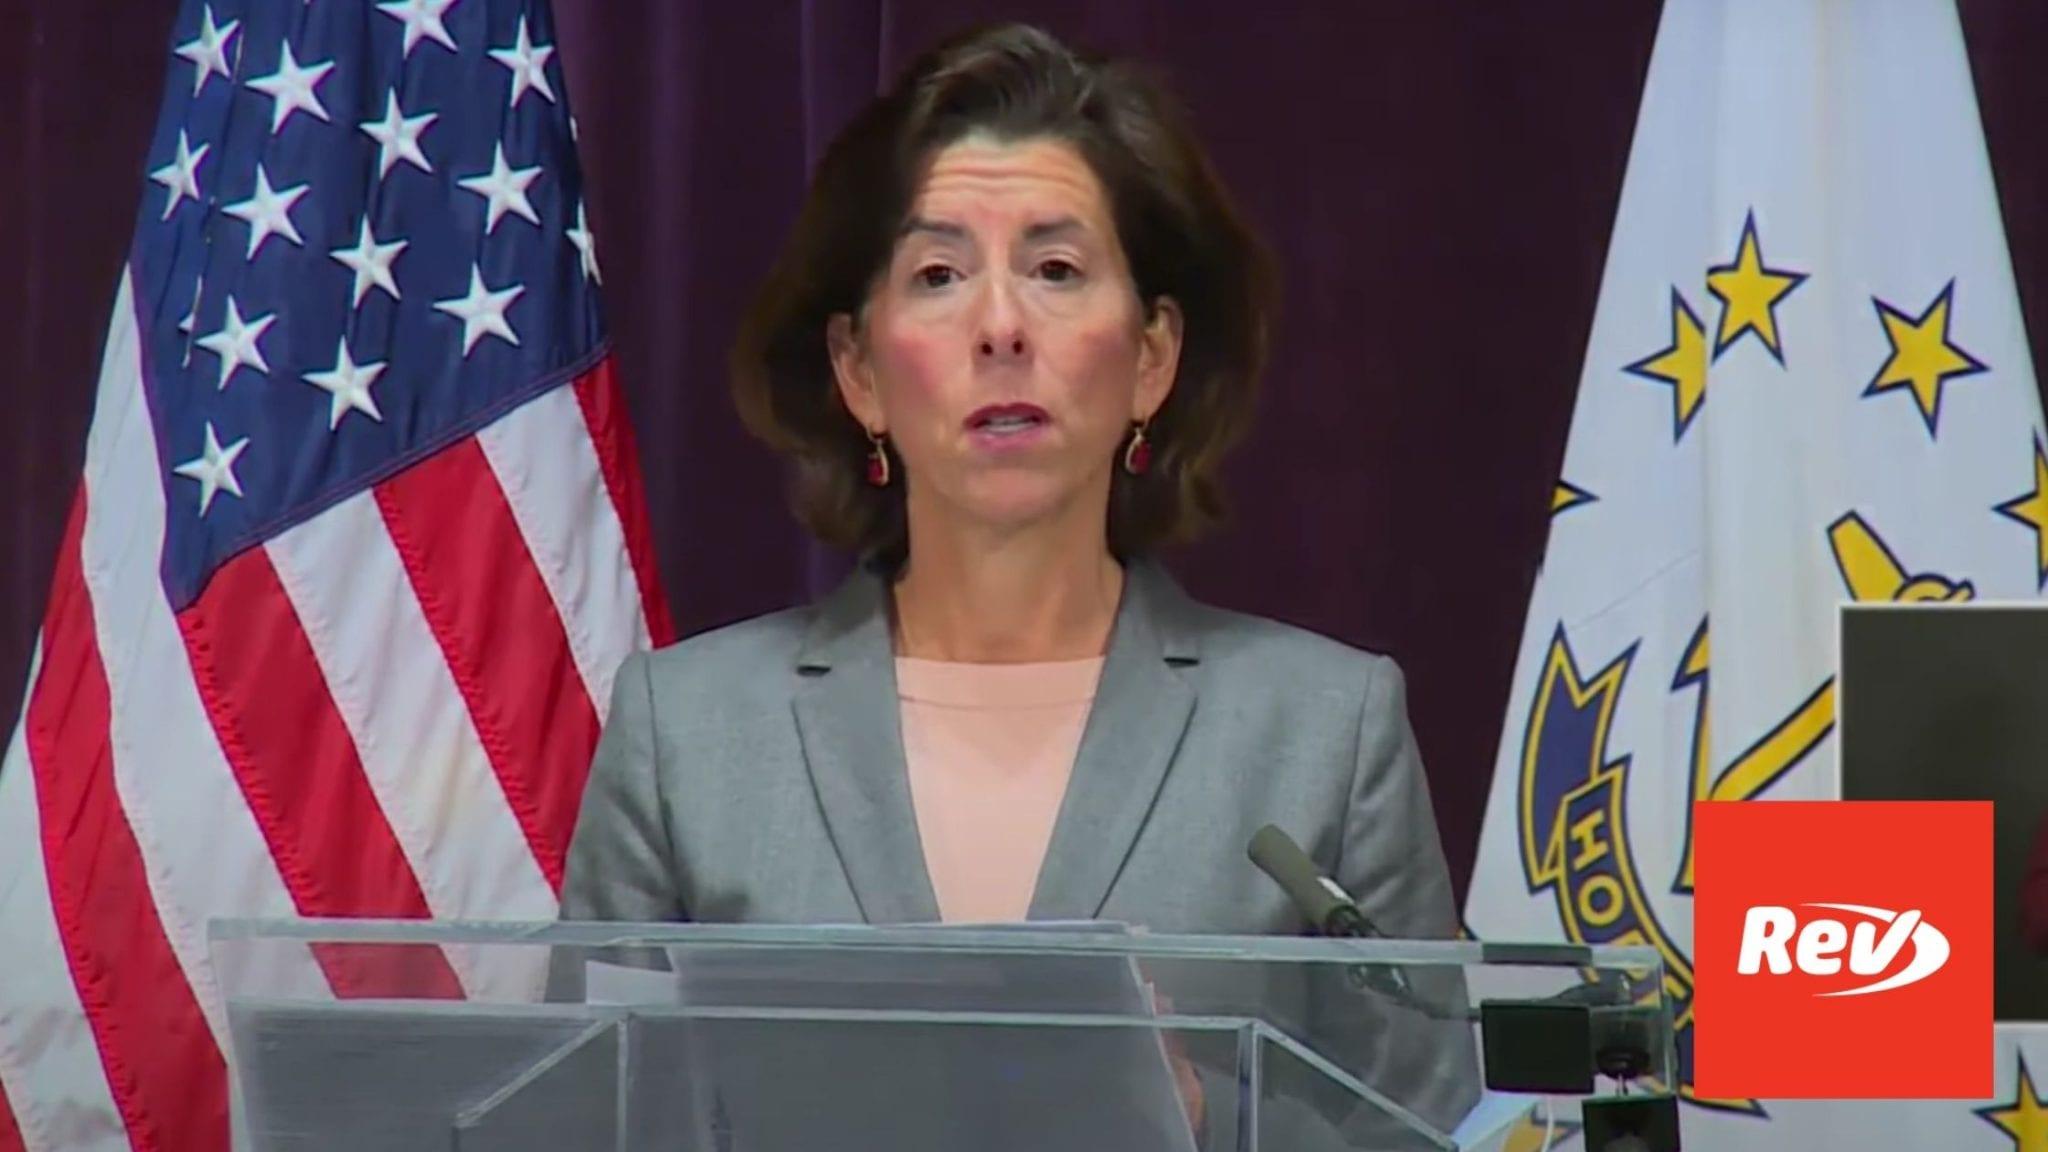 Rhode Island Gov. Gina Raimondo COVID-19 Press Conference Transcript October 30